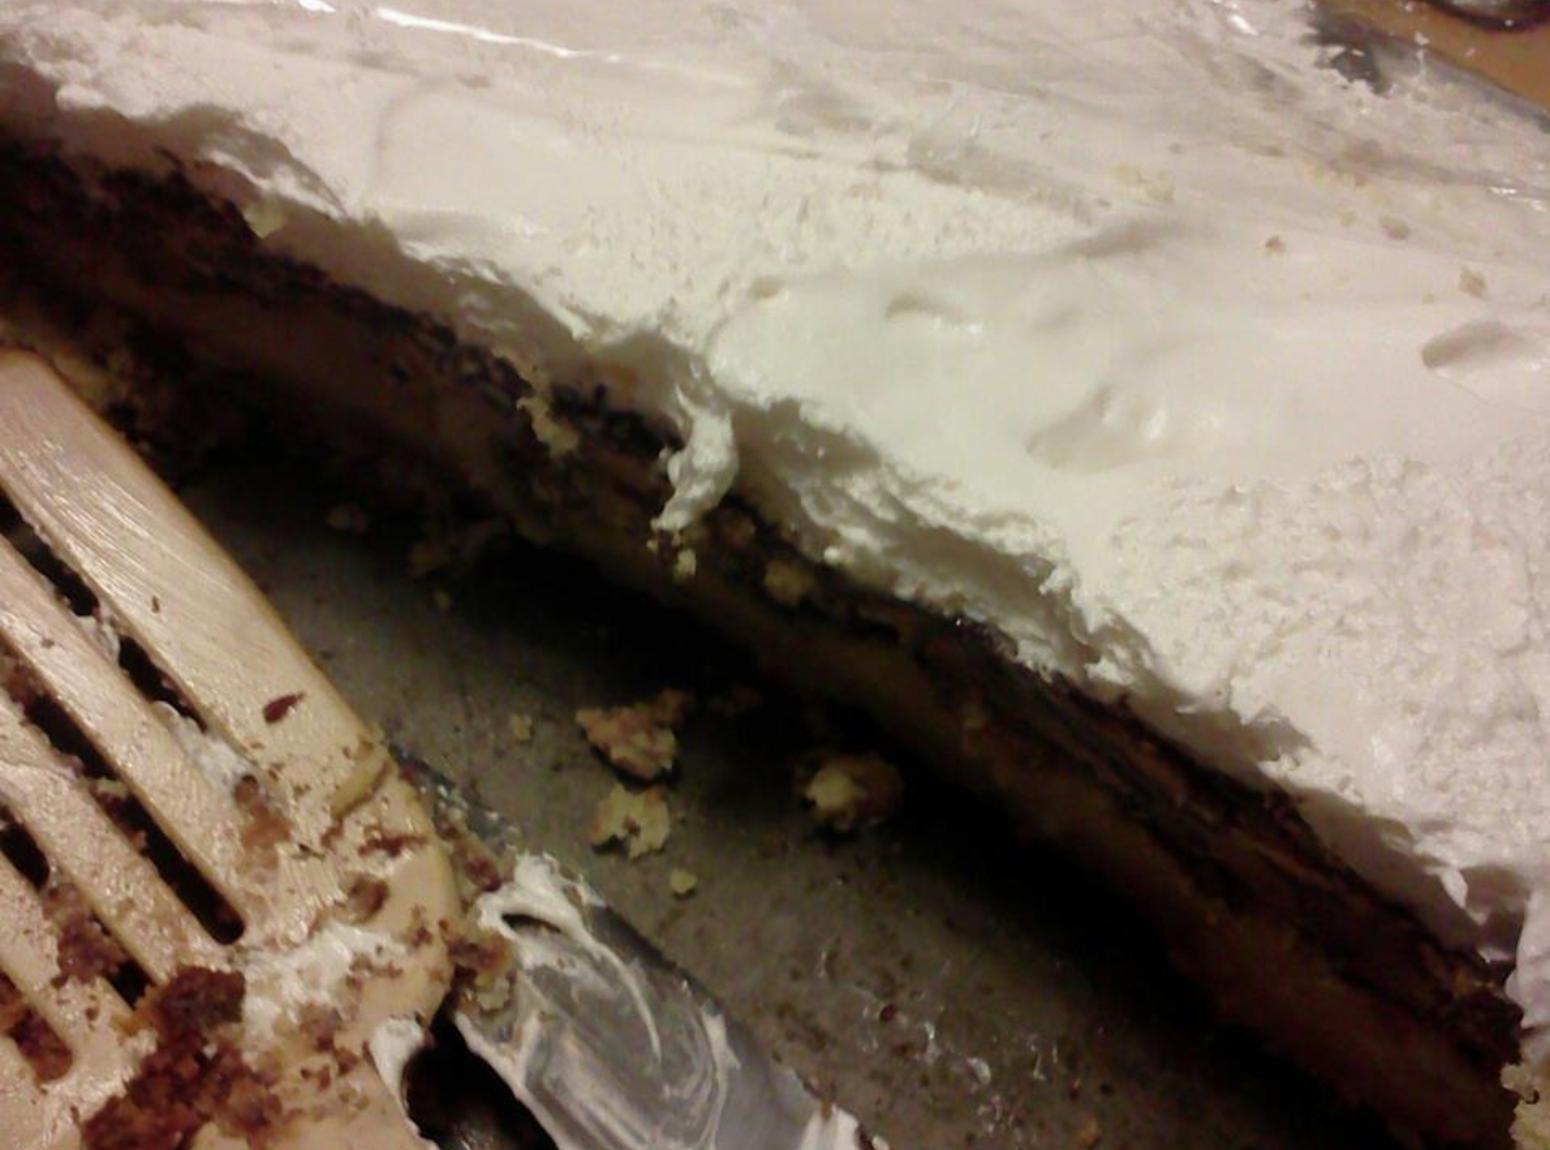 carmel.choc/mint/peanut butter filled butter cake Recipe